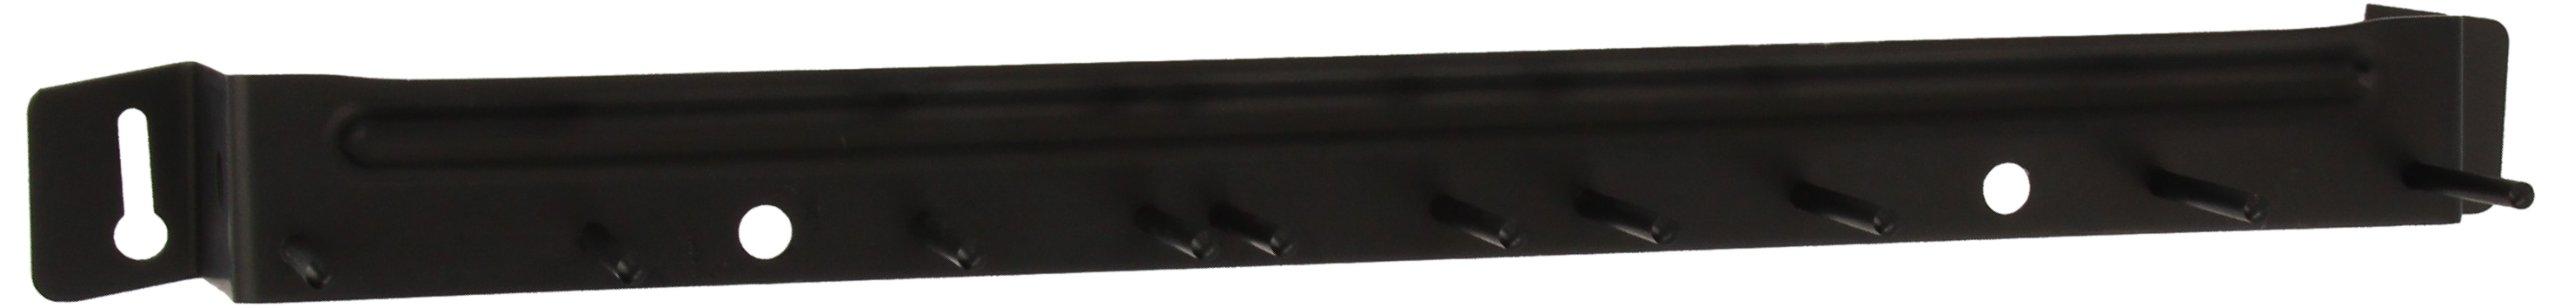 Carlisle 4073503 Black 17-Inch Sparta Spectrum Aluminum Brush Rack (Case of 12)